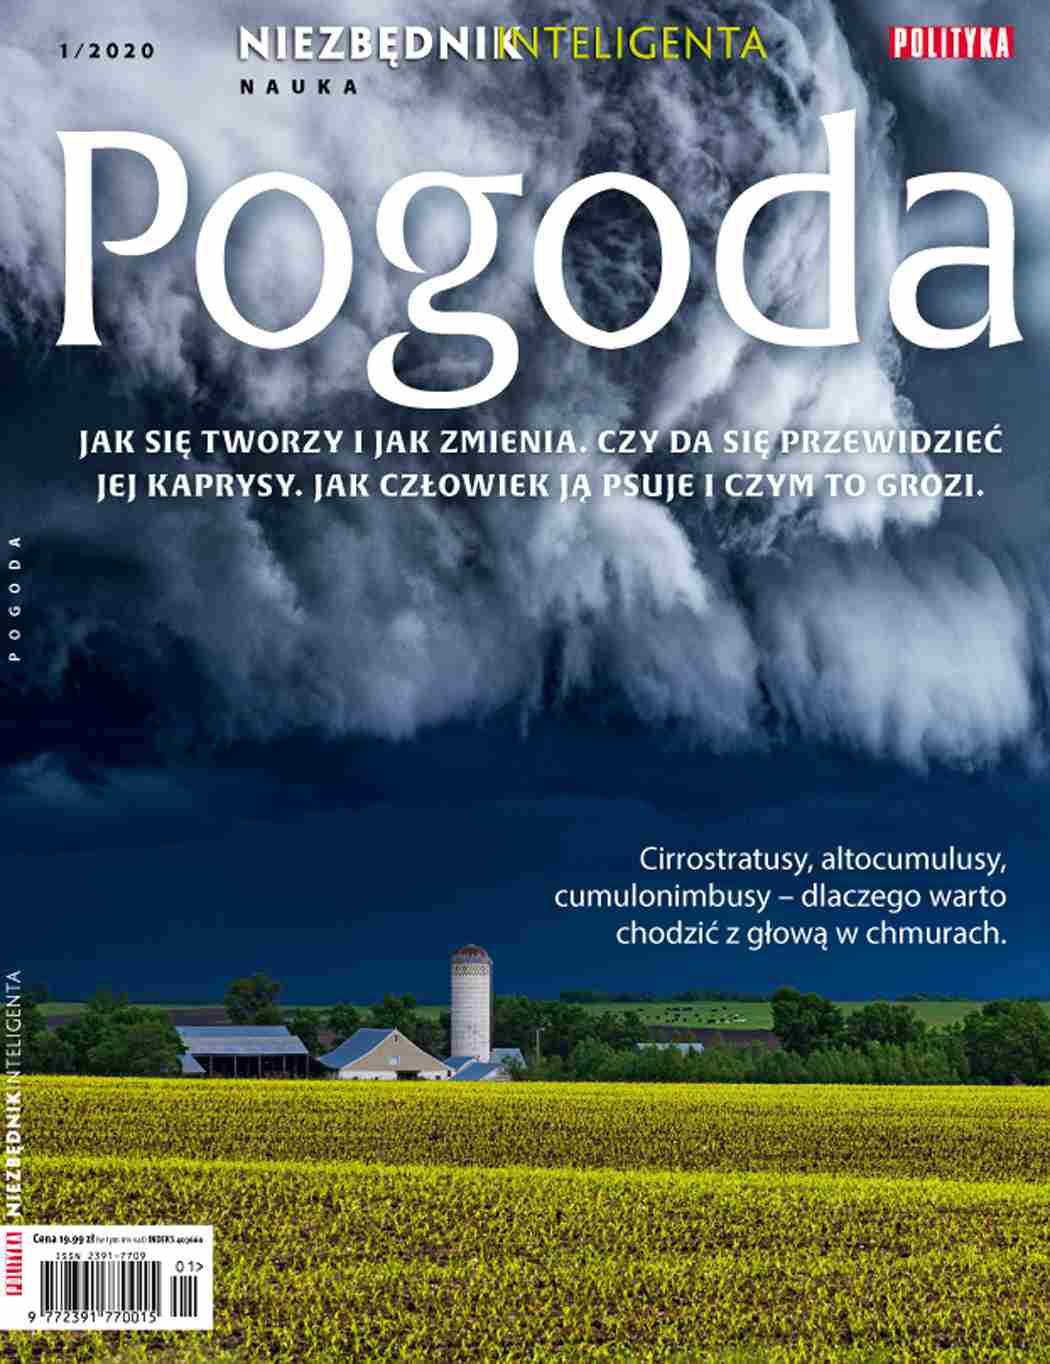 Niezbędnik Inteligenta: Pogoda - Ebook (Książka PDF) do pobrania w formacie PDF